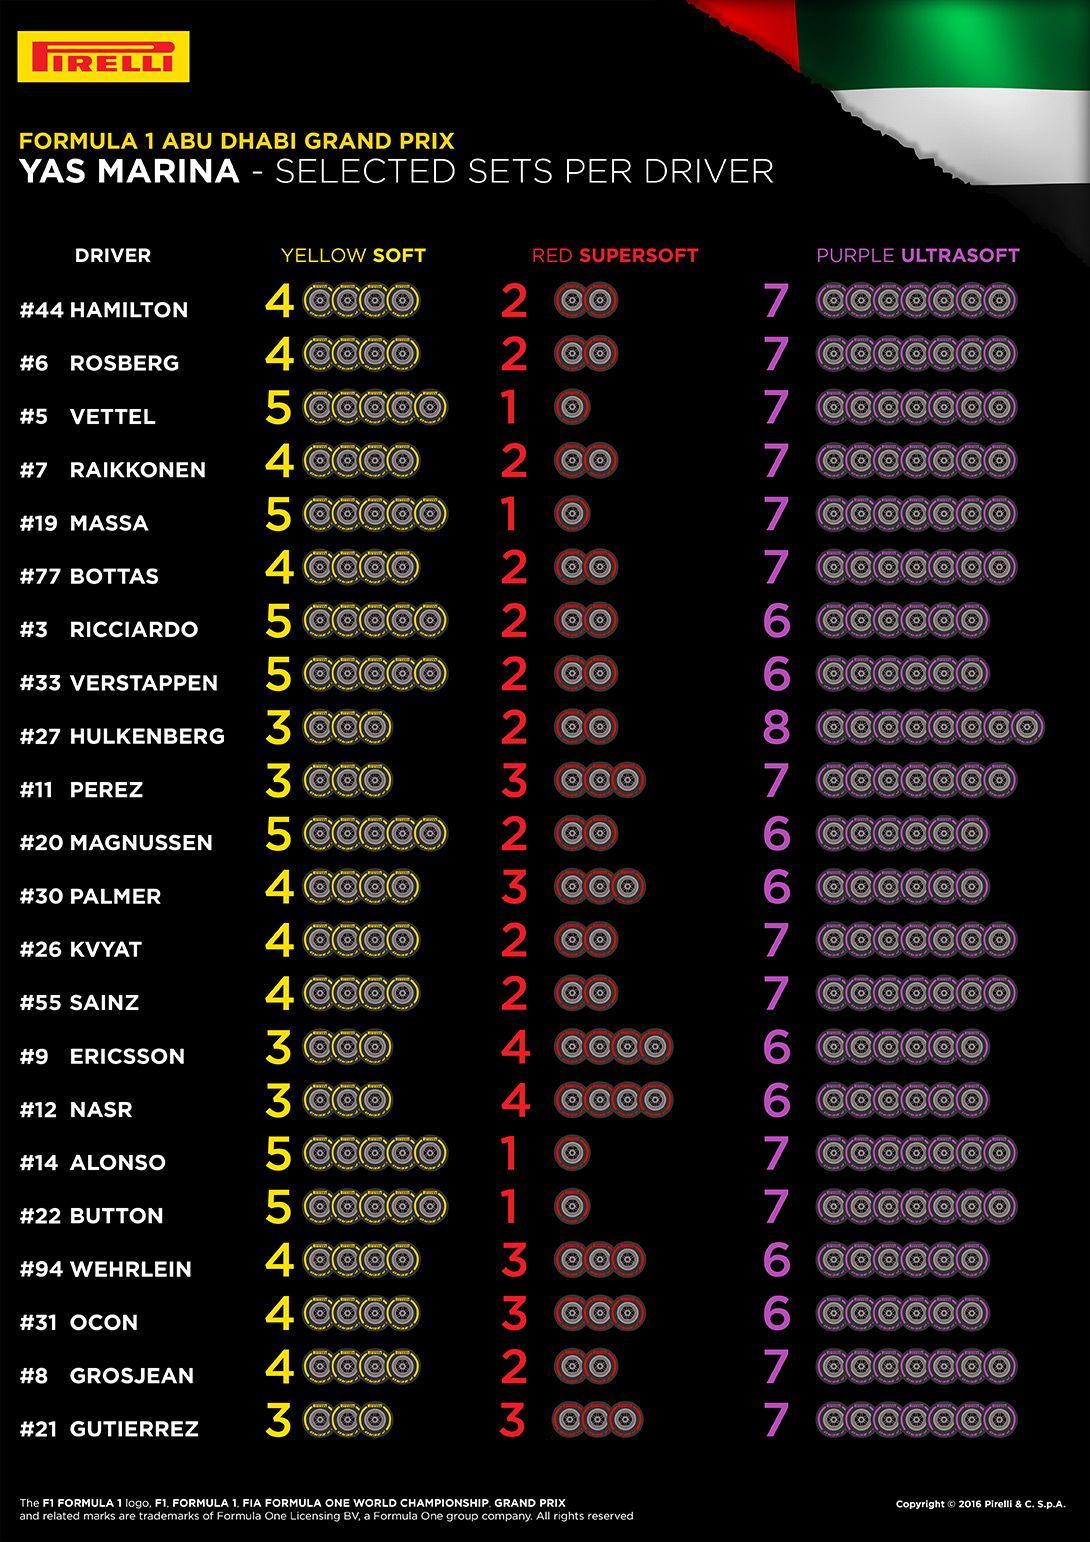 Le scelte dei piloti per l'ultima gara di Abu Dhabi (foto da: hub.pirelli.com)